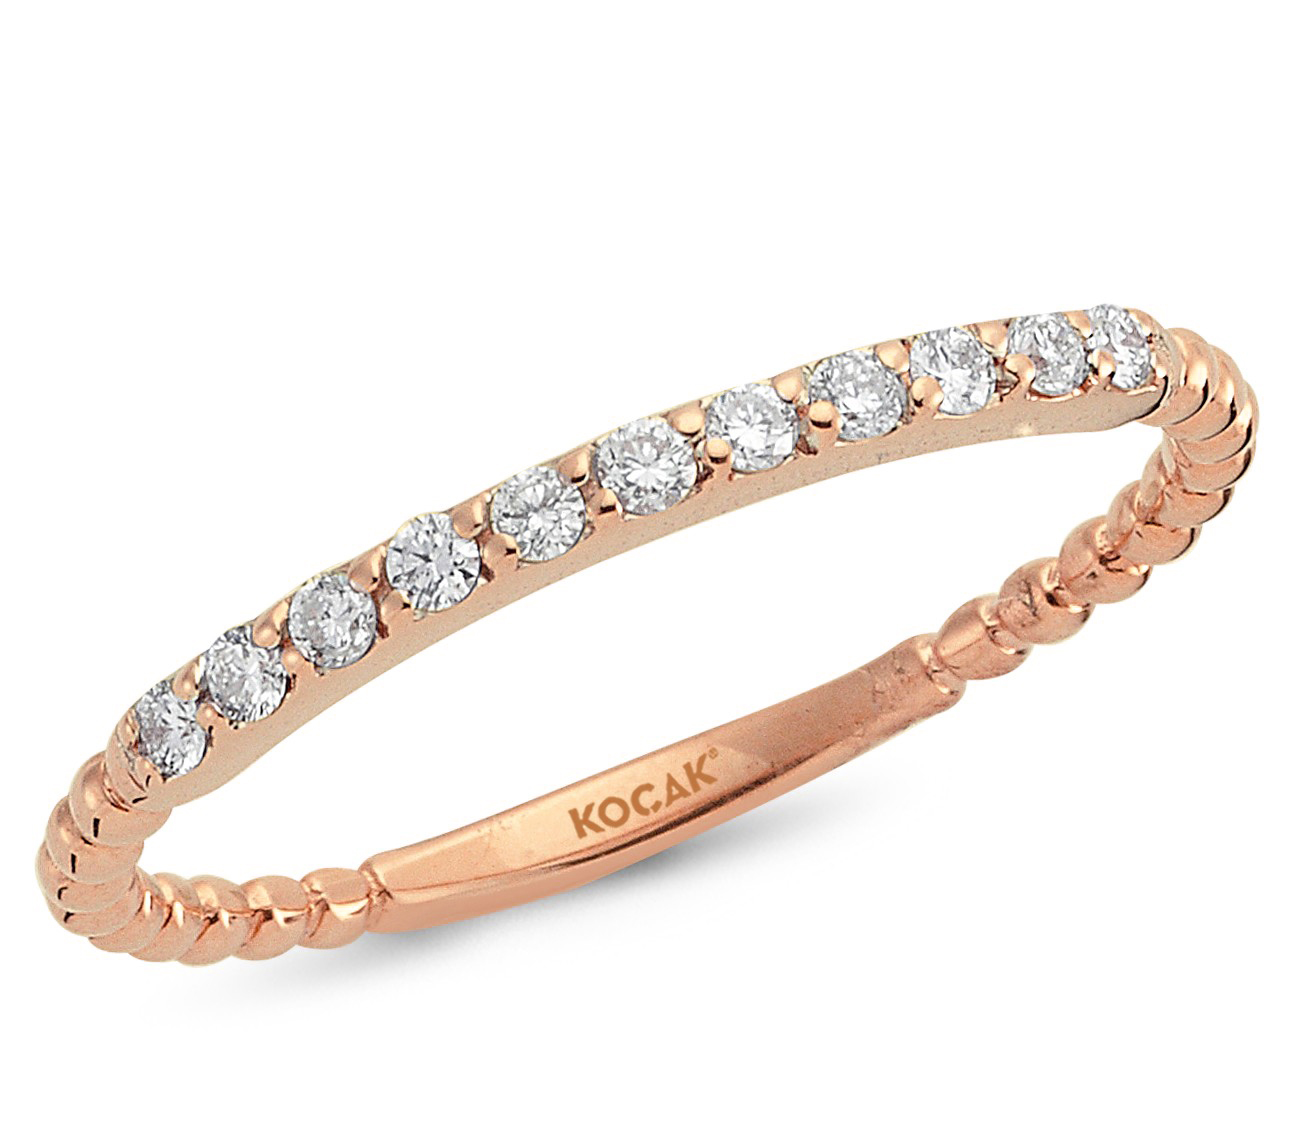 750 Kocak Gold   0.15 ct Diamant Rosé Ring